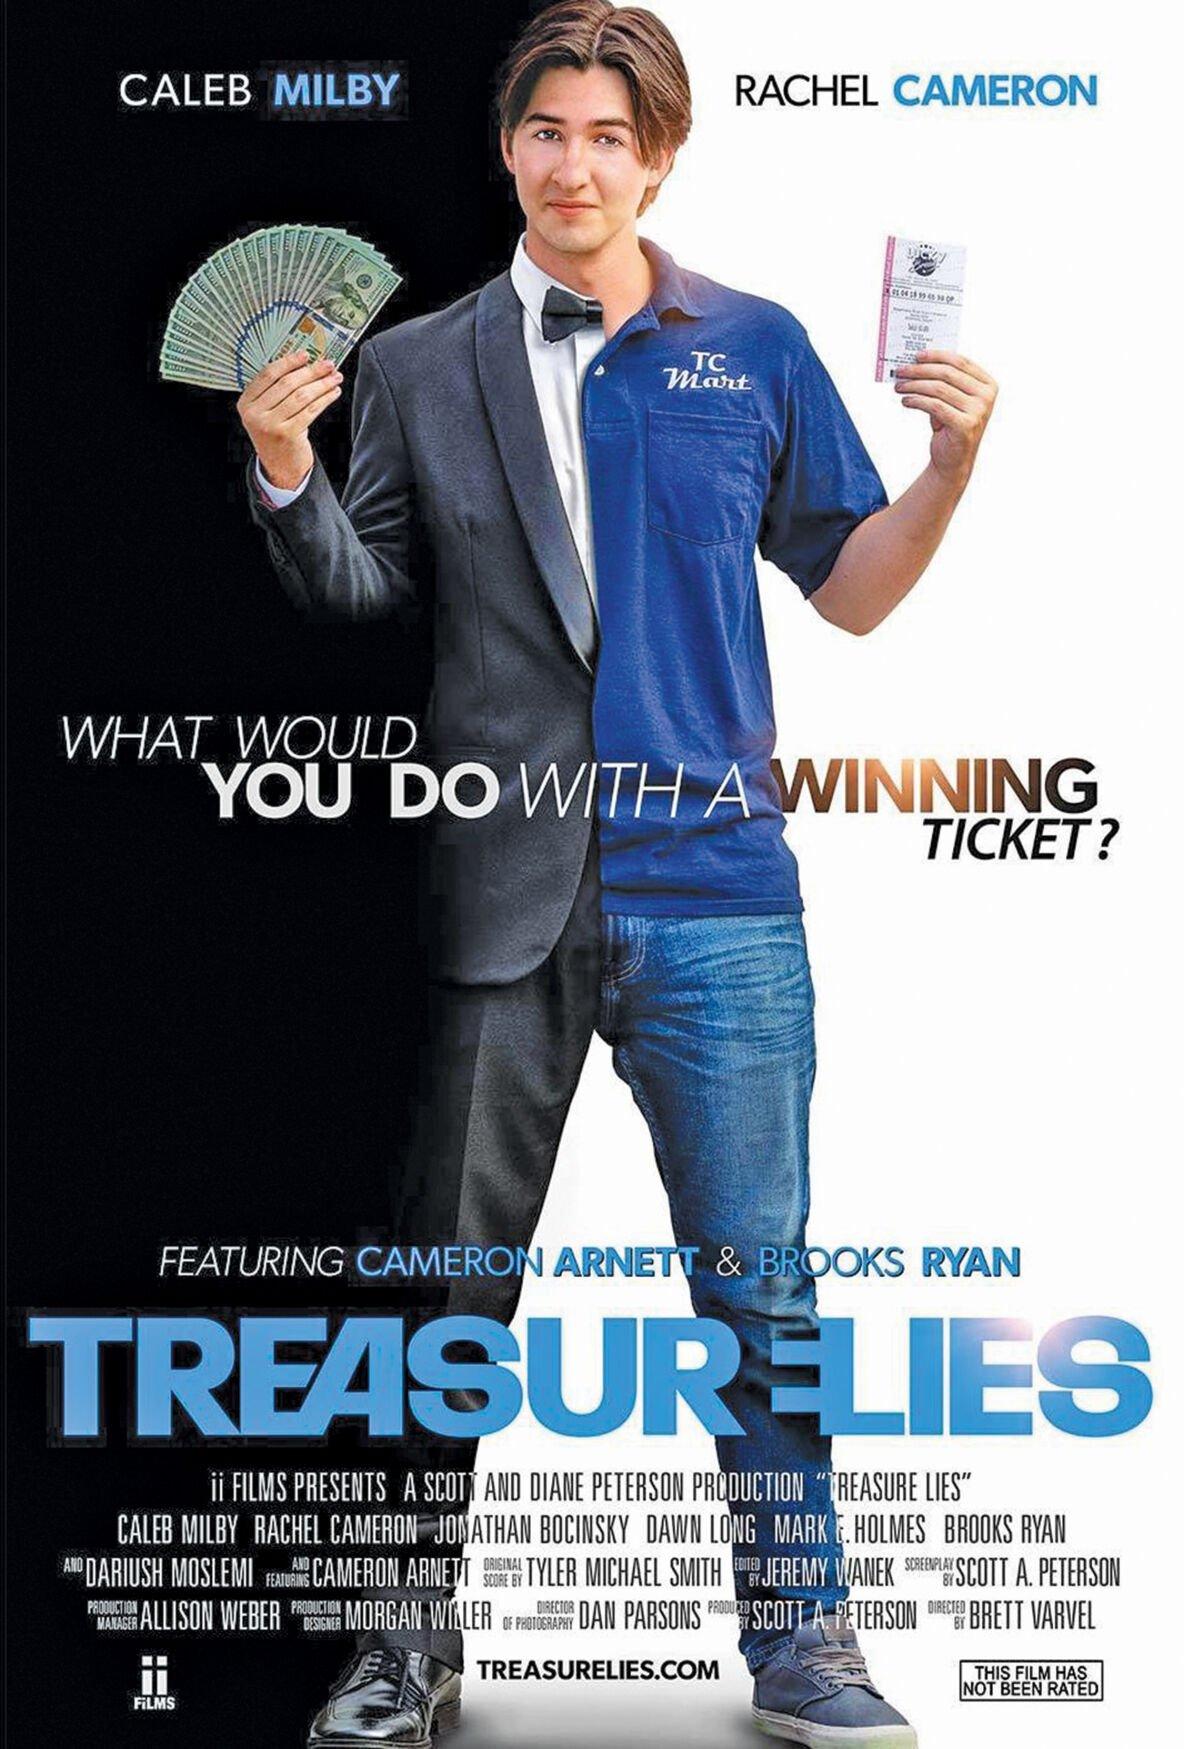 Treasure Lies Movie Poster.jpg